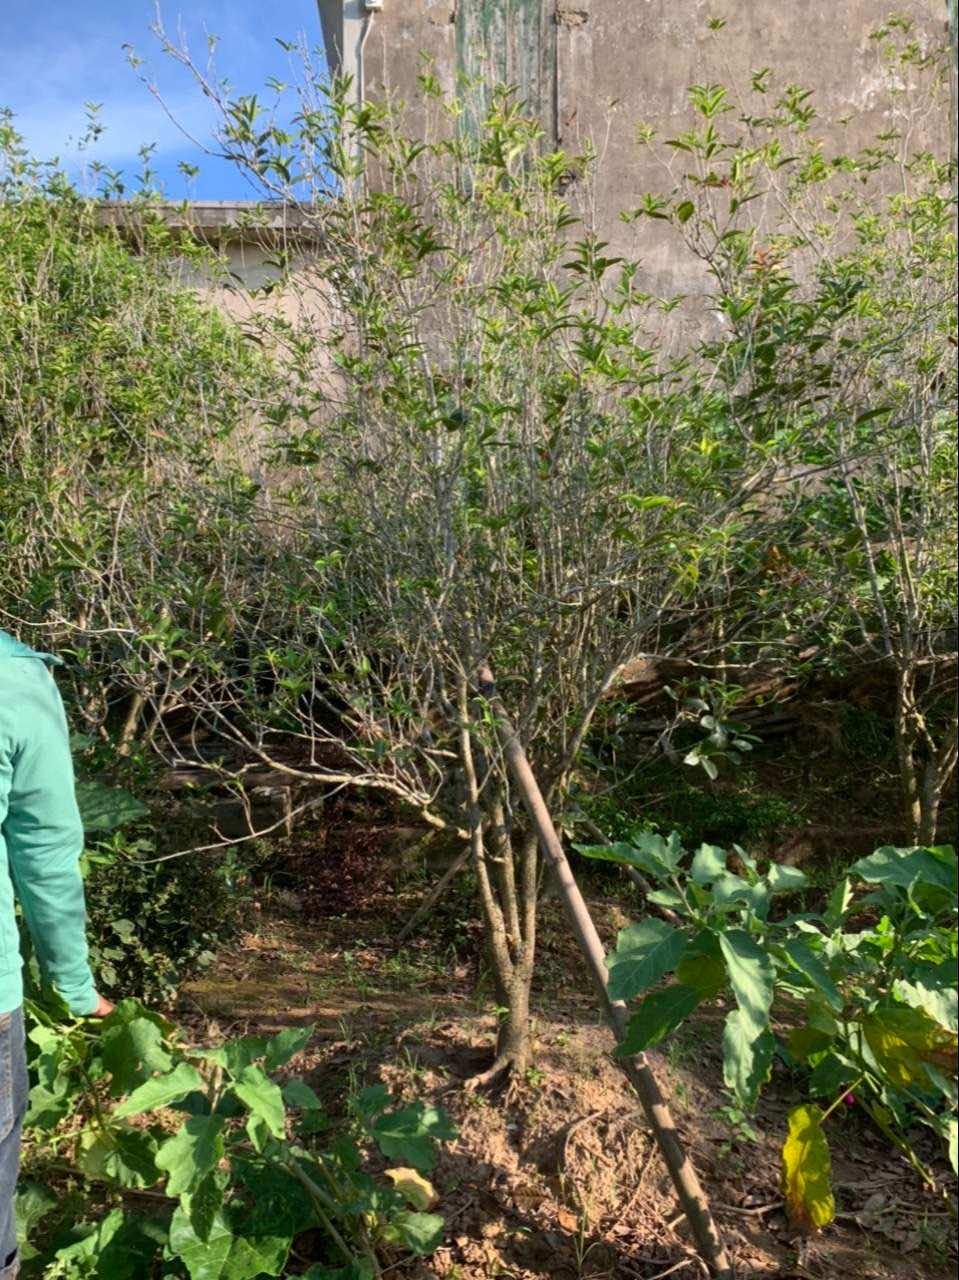 Mộc hương trồng làm cảnh và dược liệu